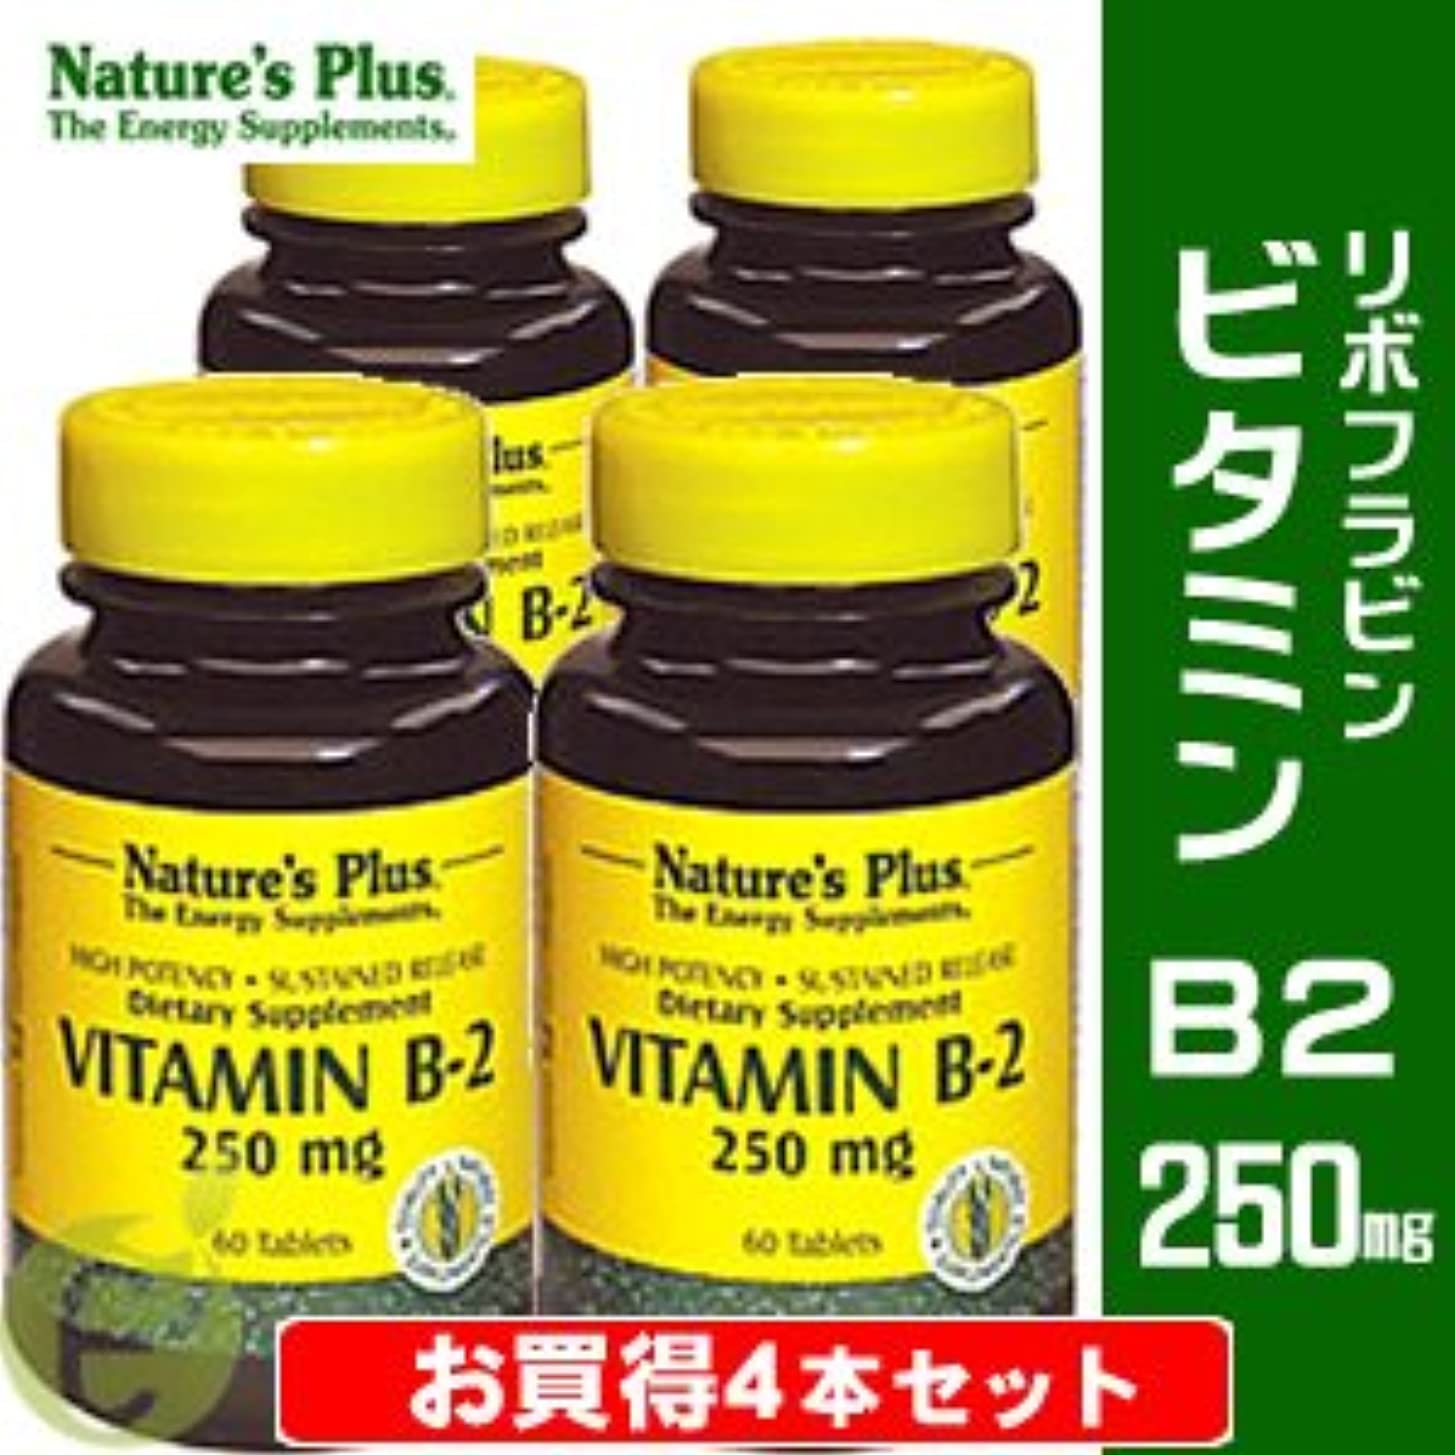 一掃する大統領征服者ビタミンB2 250mg (リボフラビン) 【お買得4本セット】